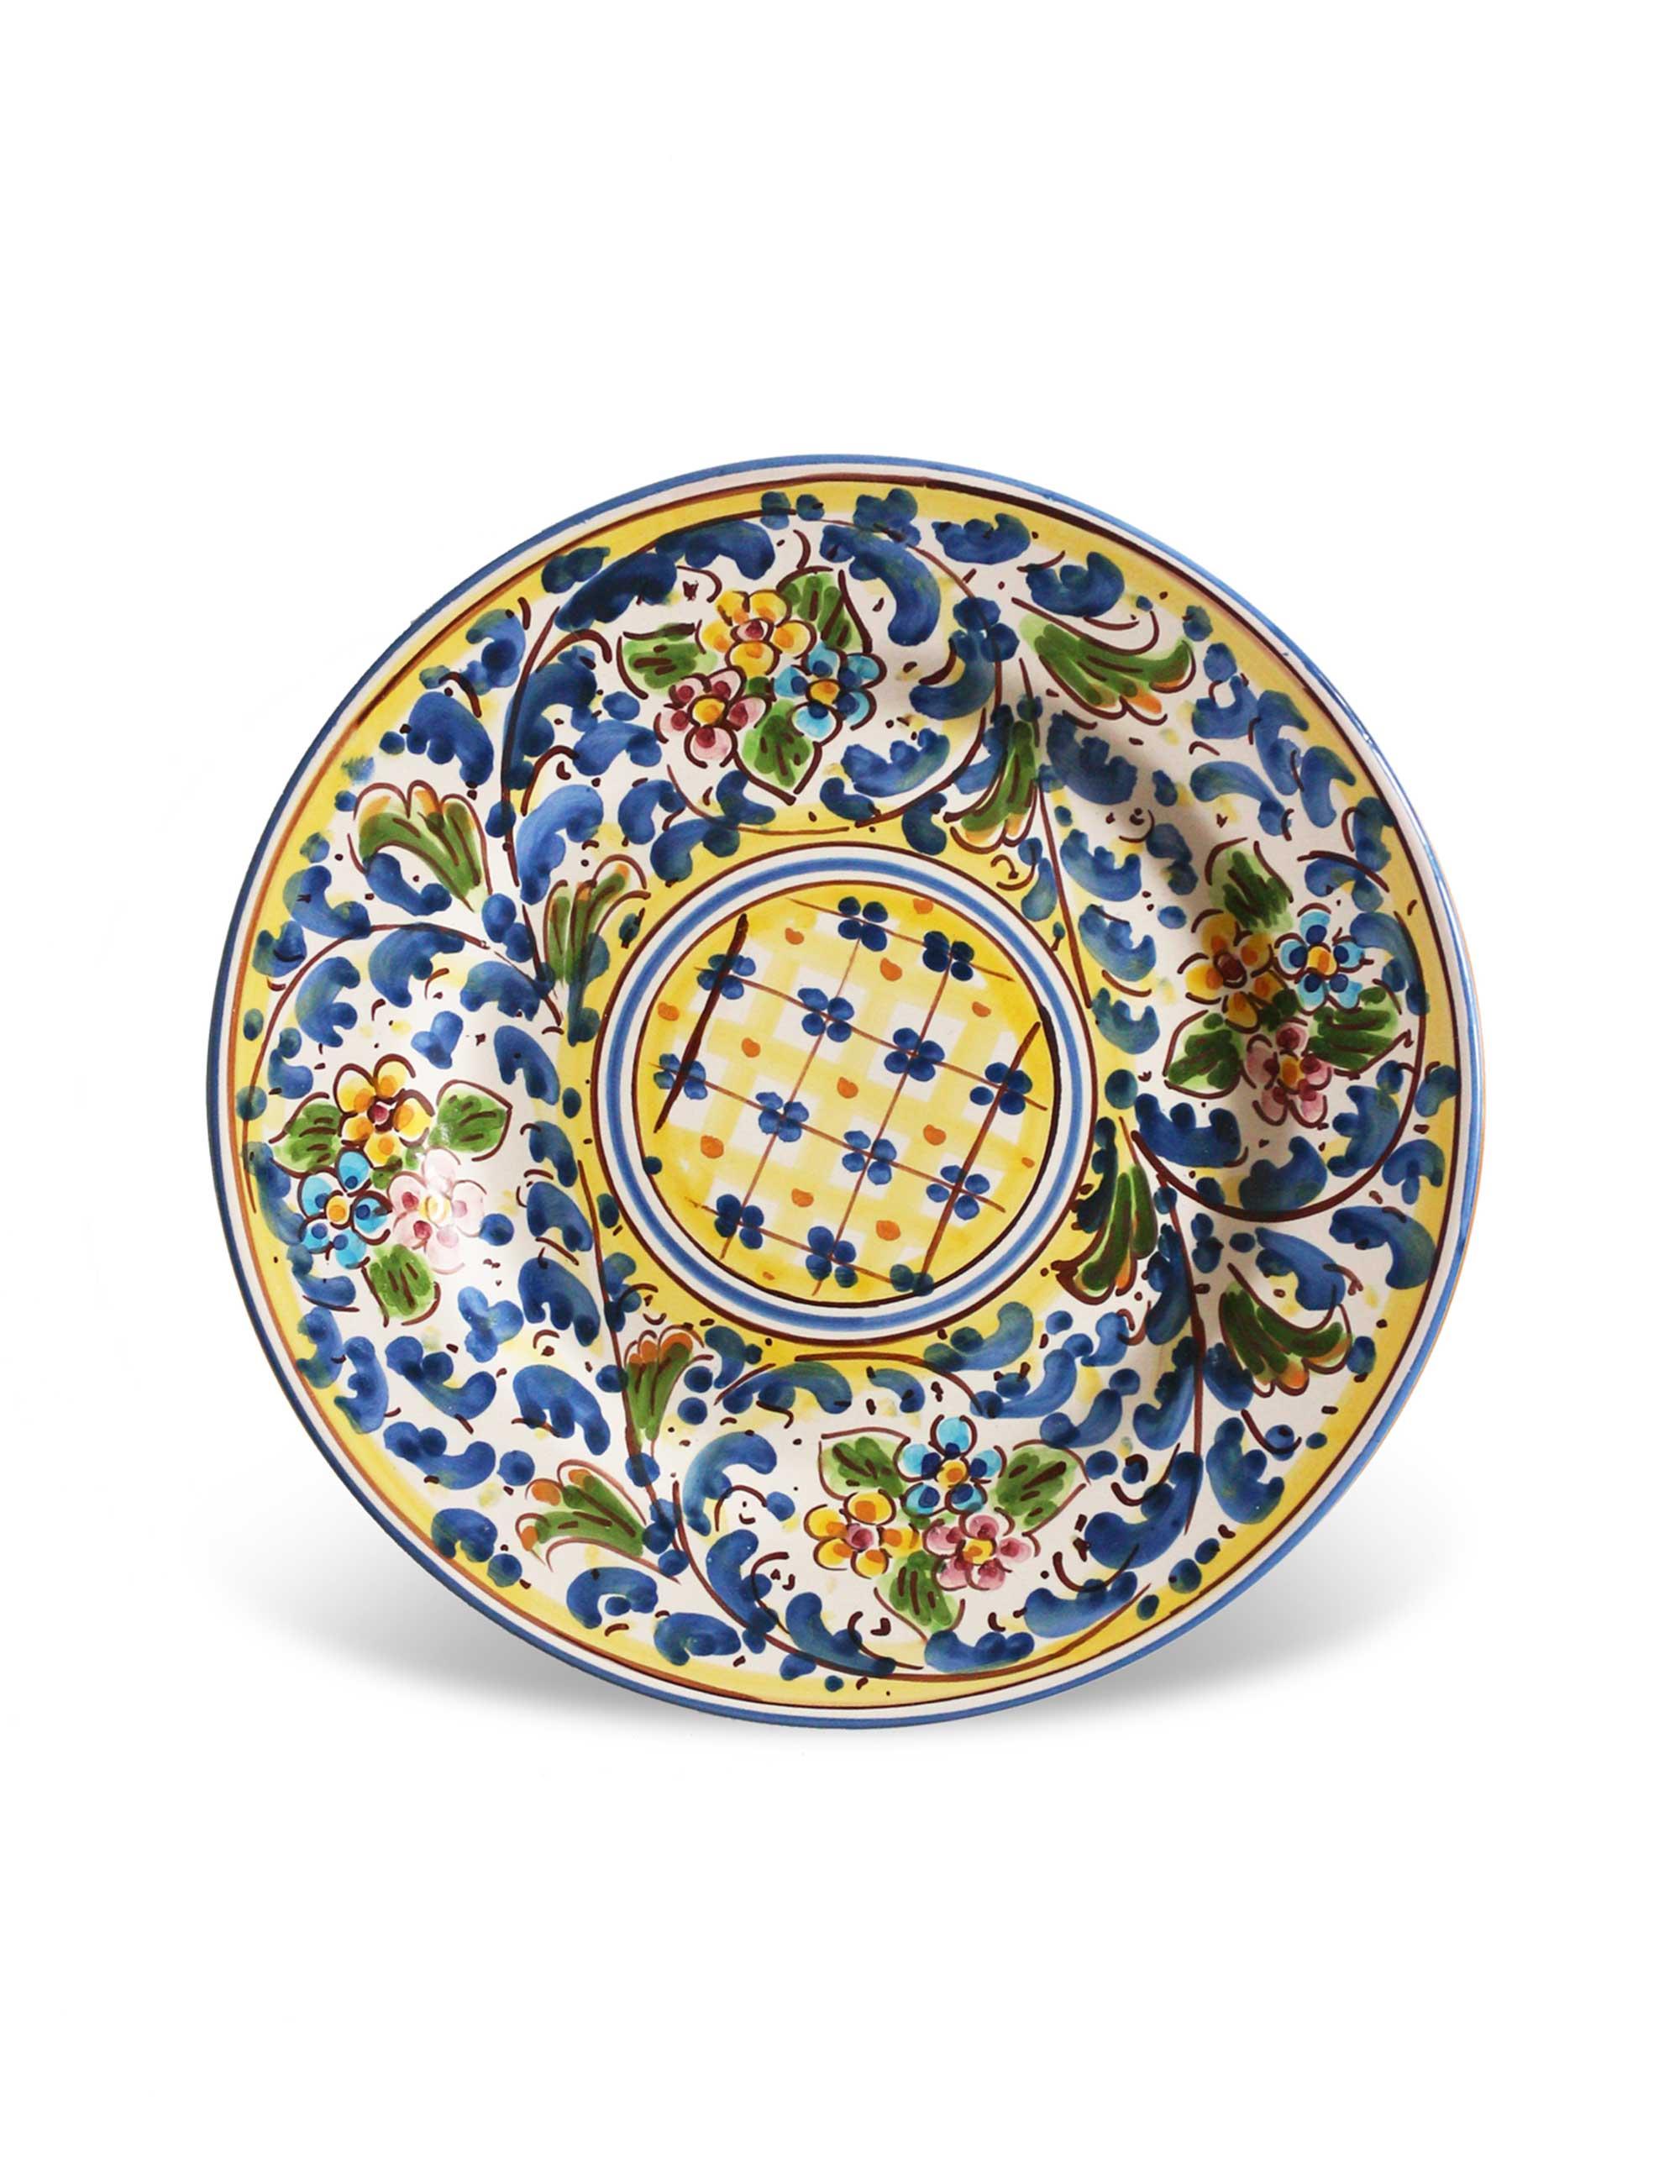 piatto dessert ceramica siciliana artigianale Marettimo